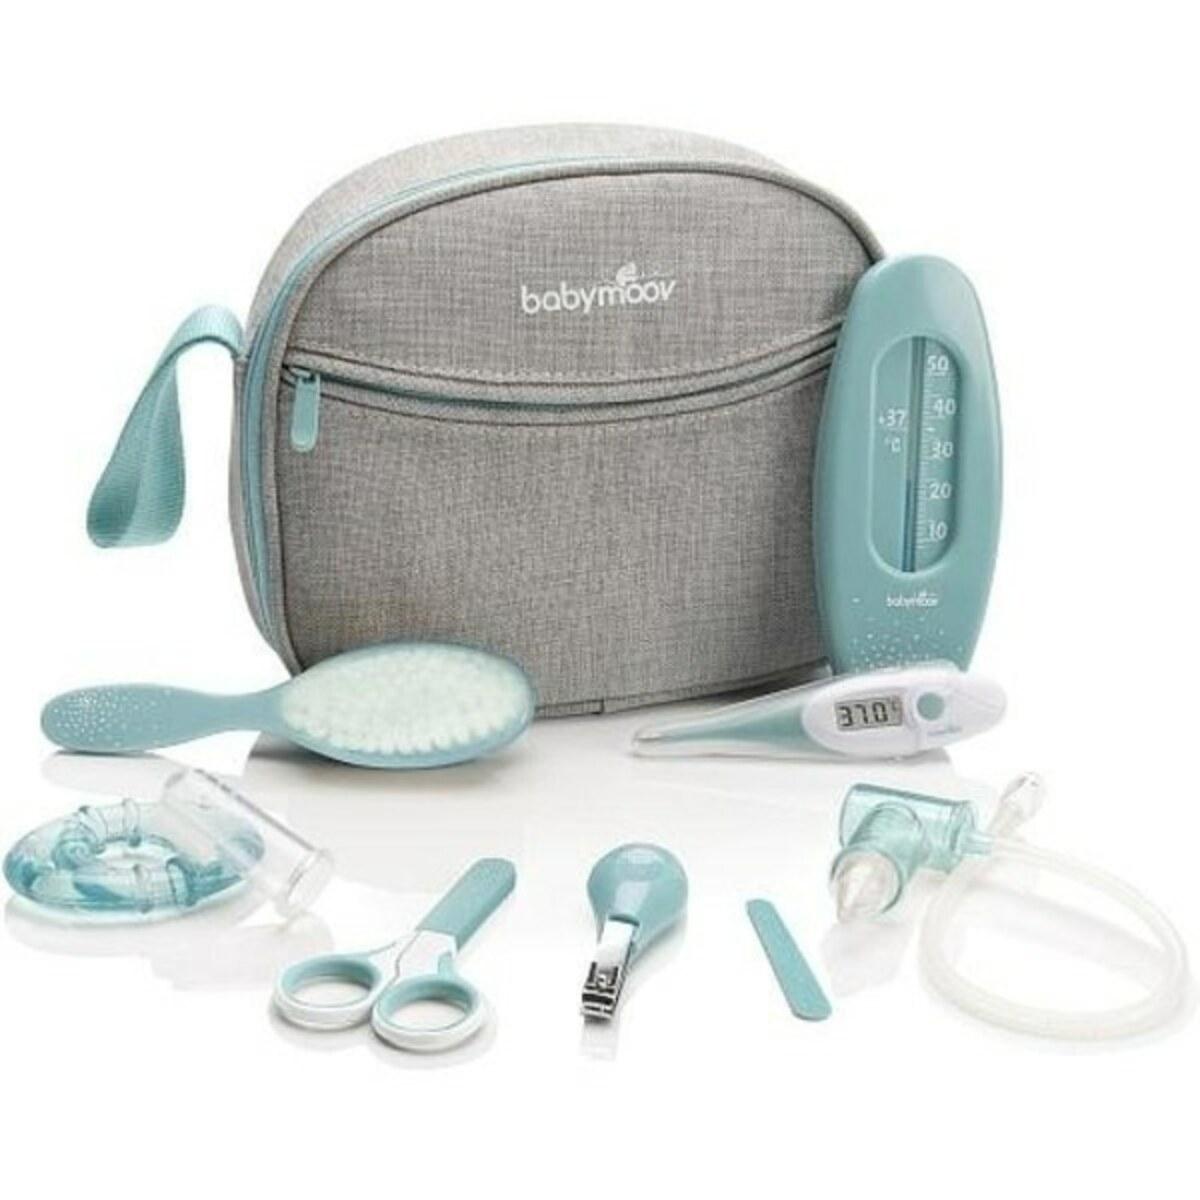 Bild 1 von Babymoov - Babykulturtasche, 9-teilig